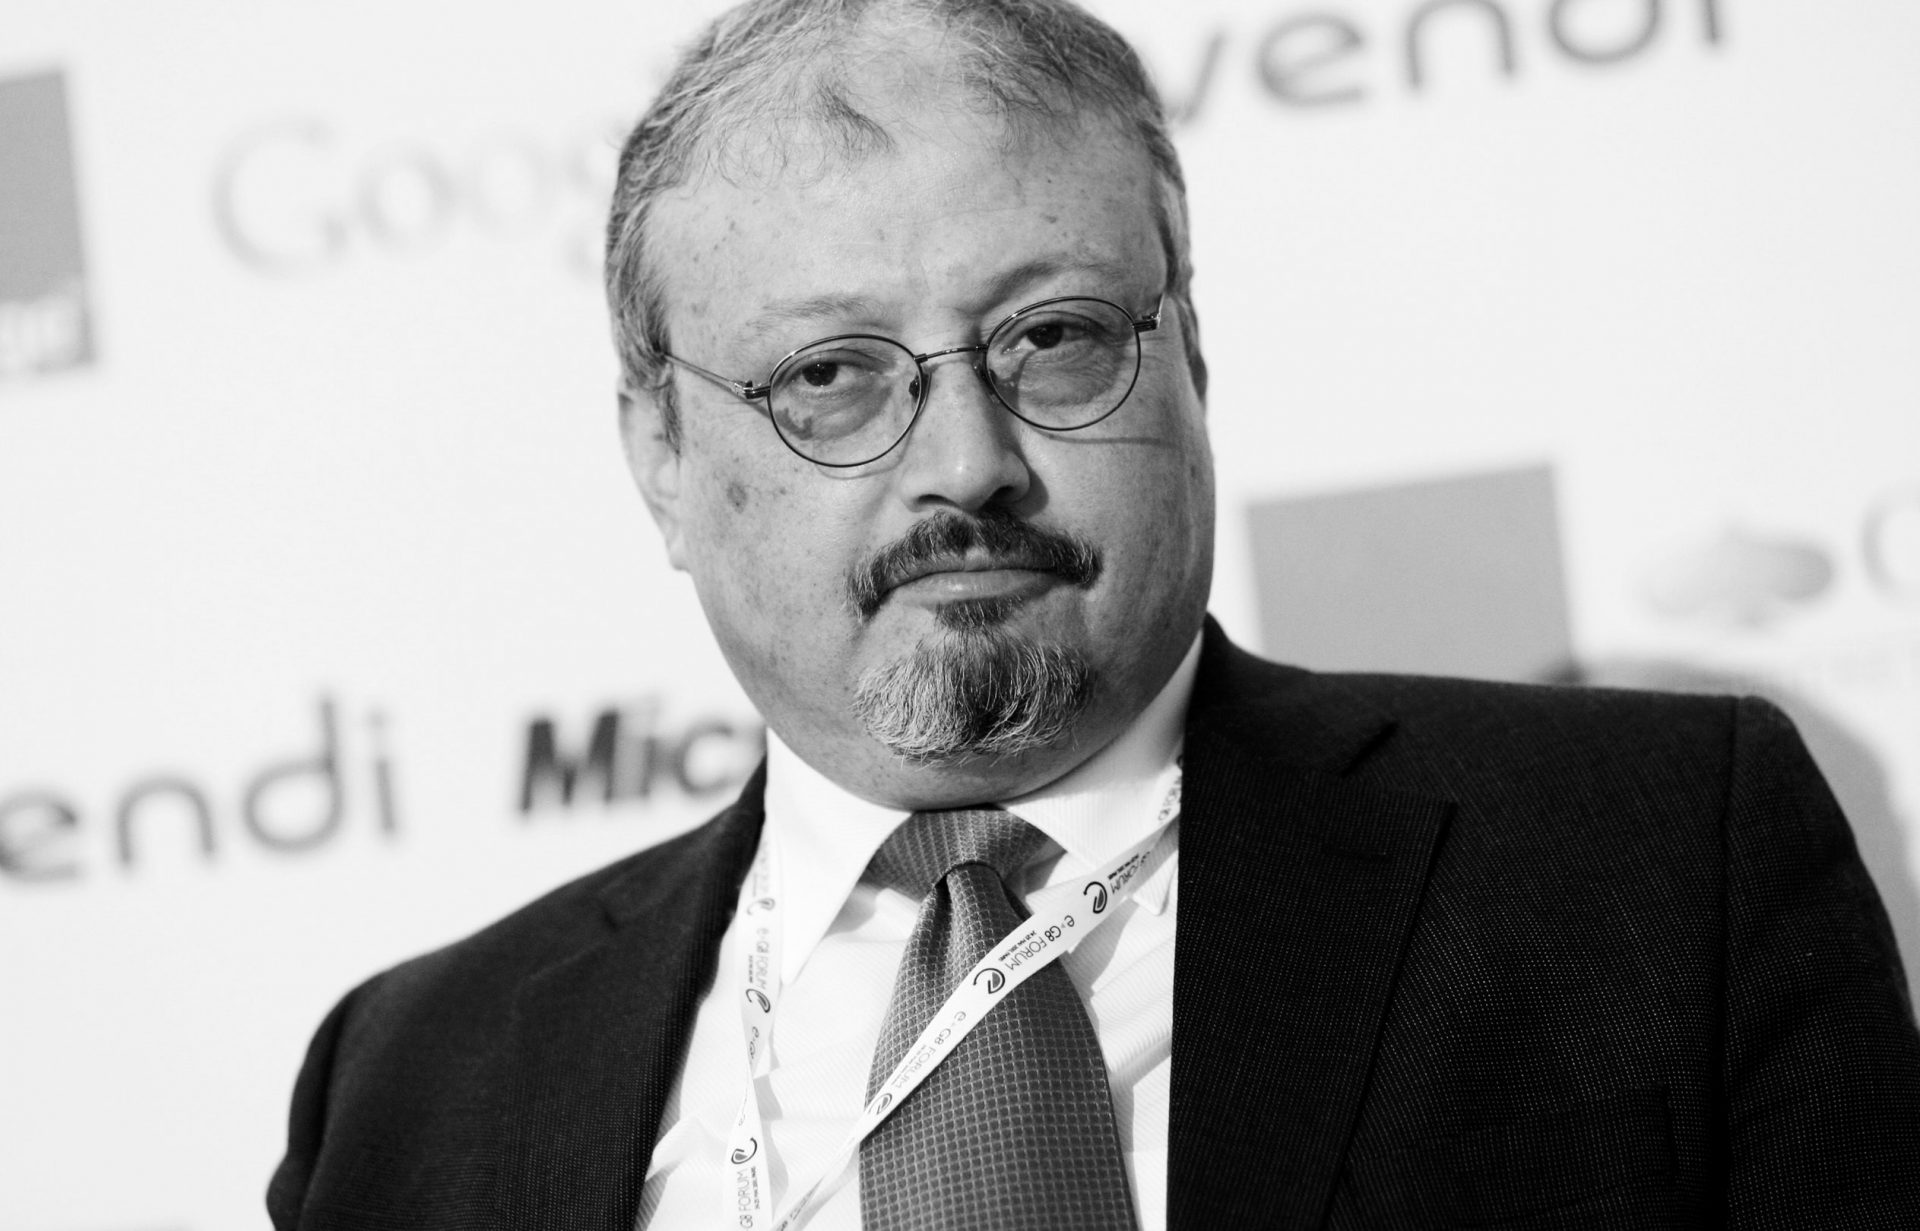 Moștenitorul tronului Arabiei Saudite ar fi fost implicat în asasinarea jurnalistului Jamal Khashoggi